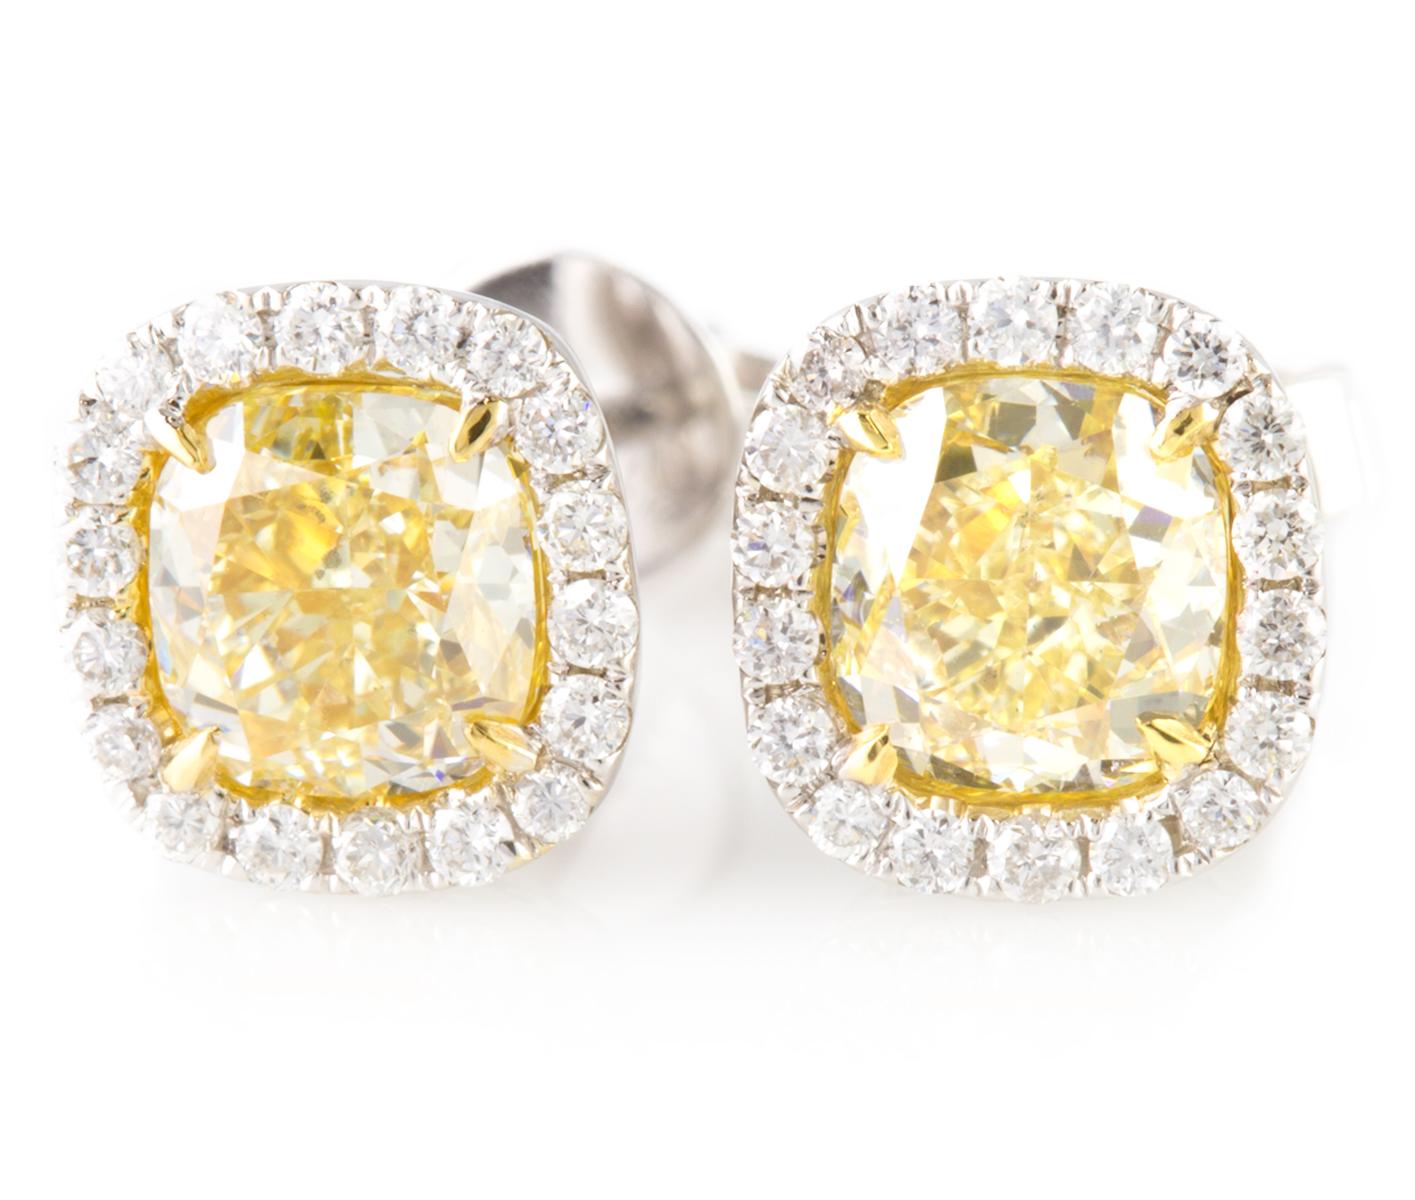 Fancy Yellow Diamond Earrings In White Gold